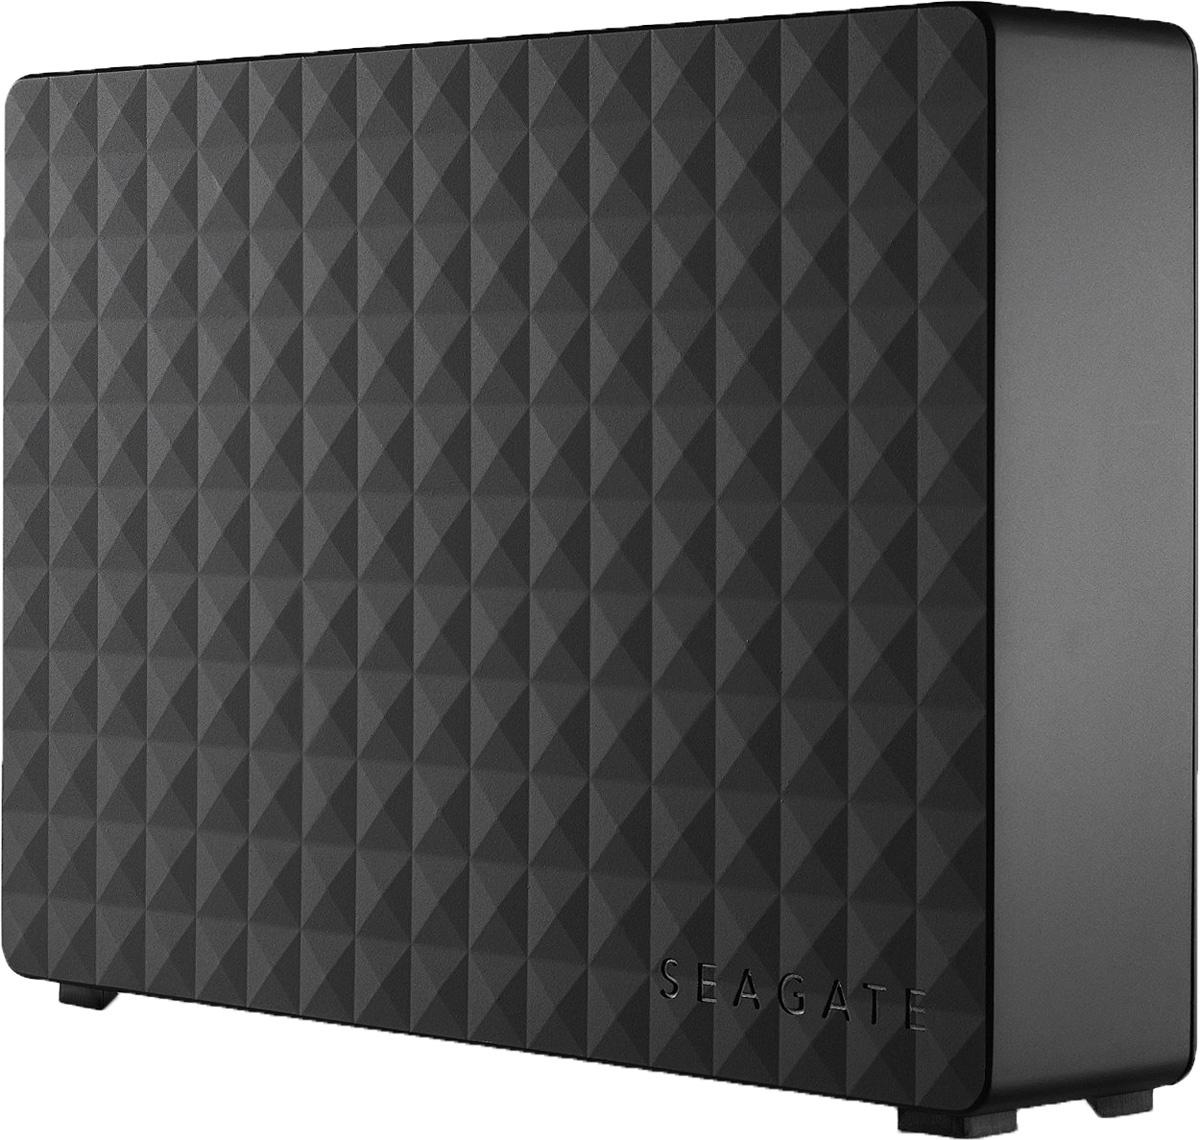 4 ТБ Внешний жесткий диск Seagate Expansion (STEB4000200), черный #1